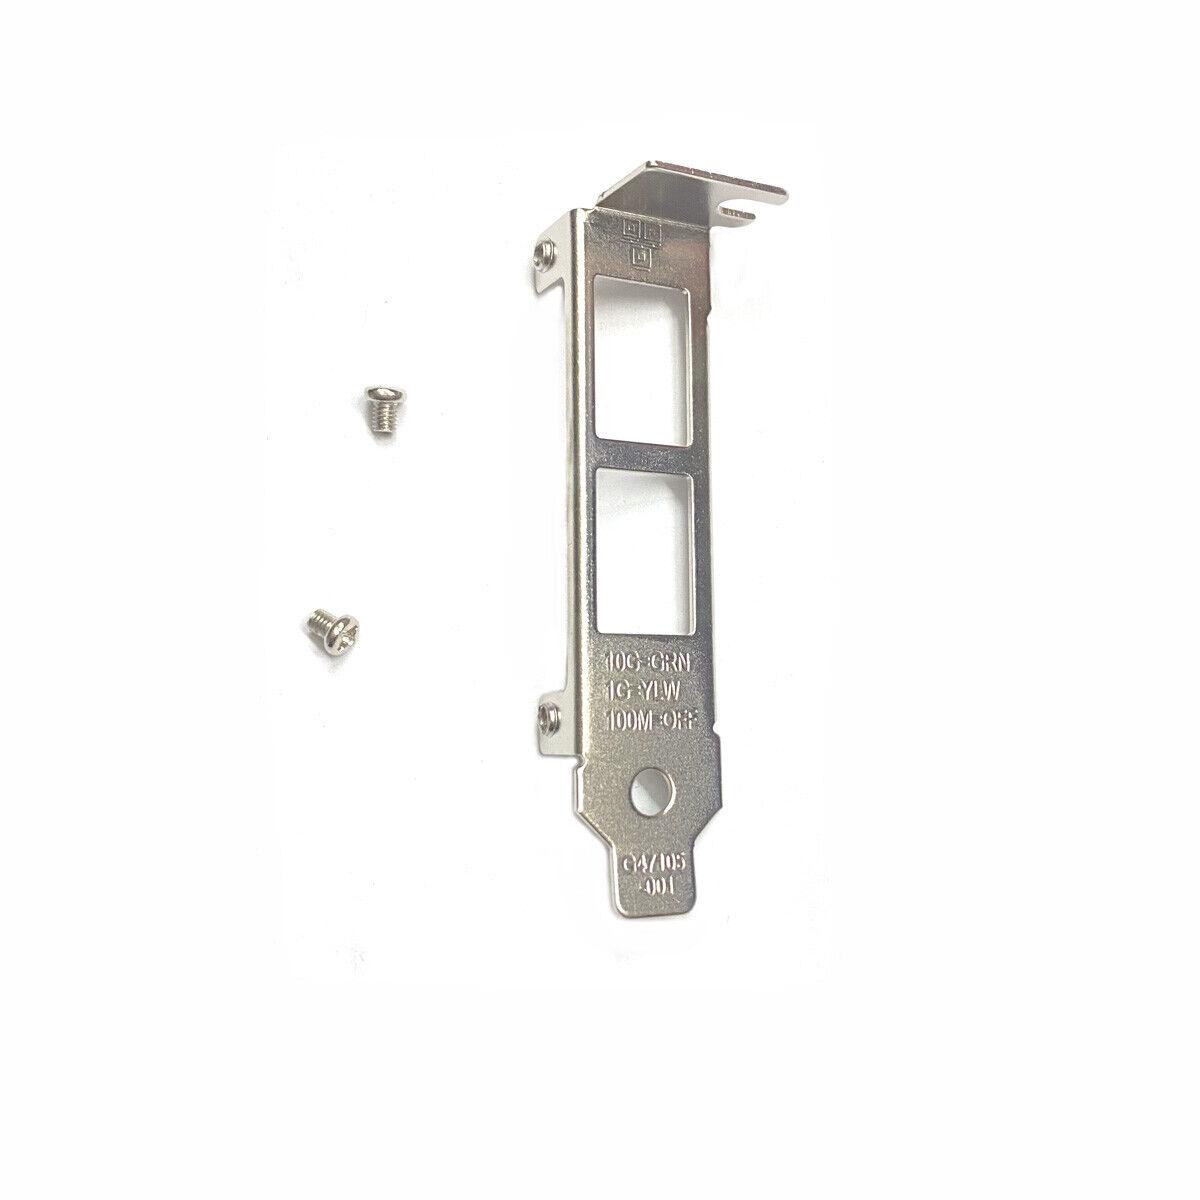 Low Profile Bracket for Intel X540-T2 X550-T2 HP 561T 716591-B21 717708-001